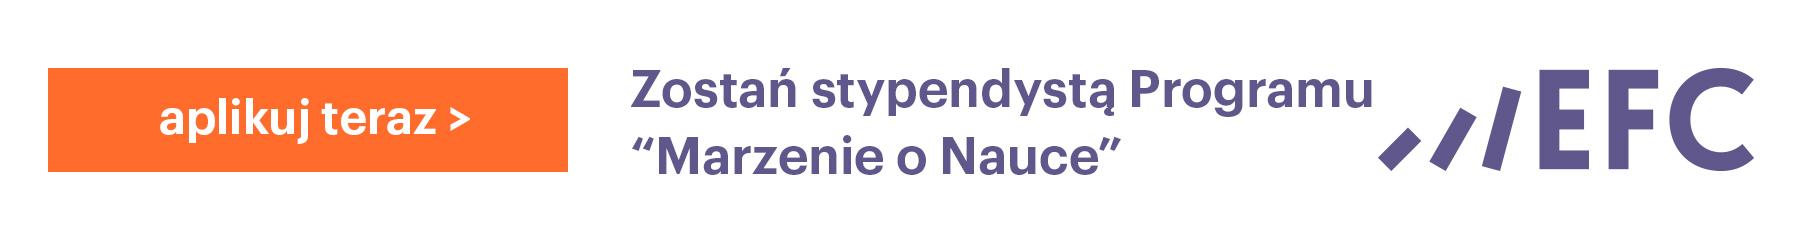 Marzenie o Nauce